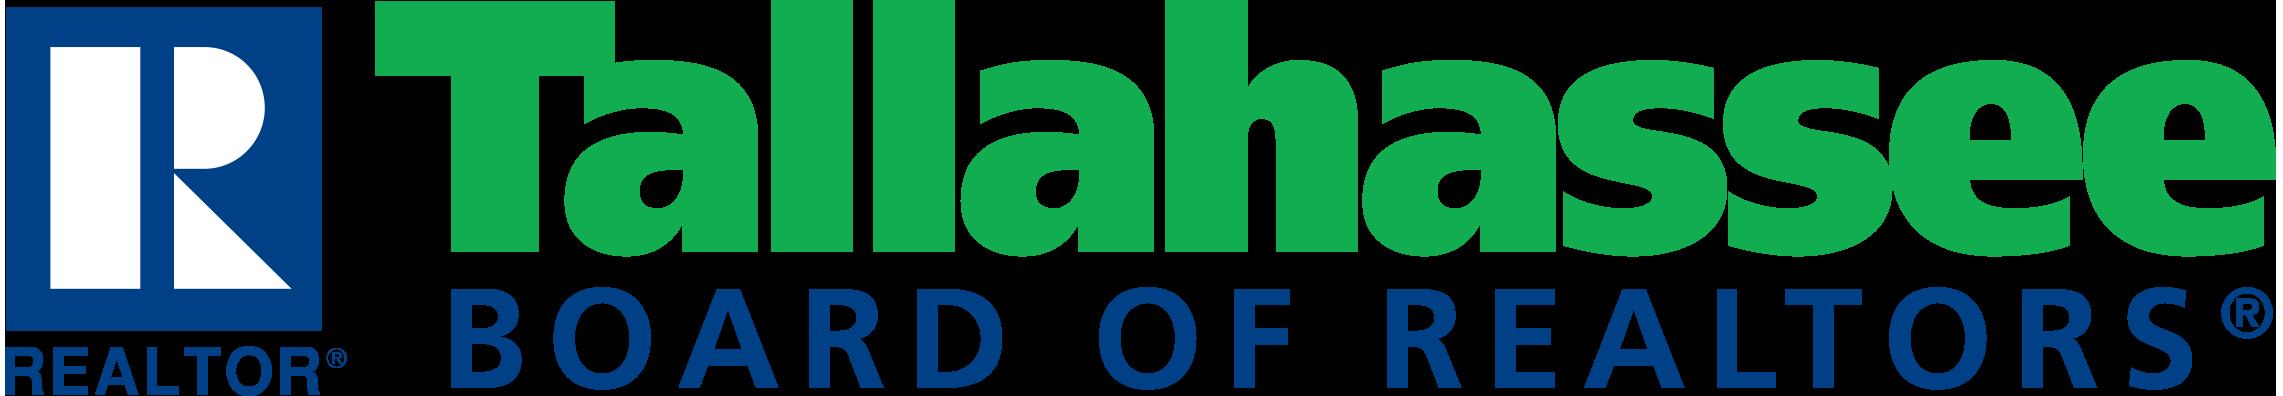 Tallahassee Board of Realtors Logo